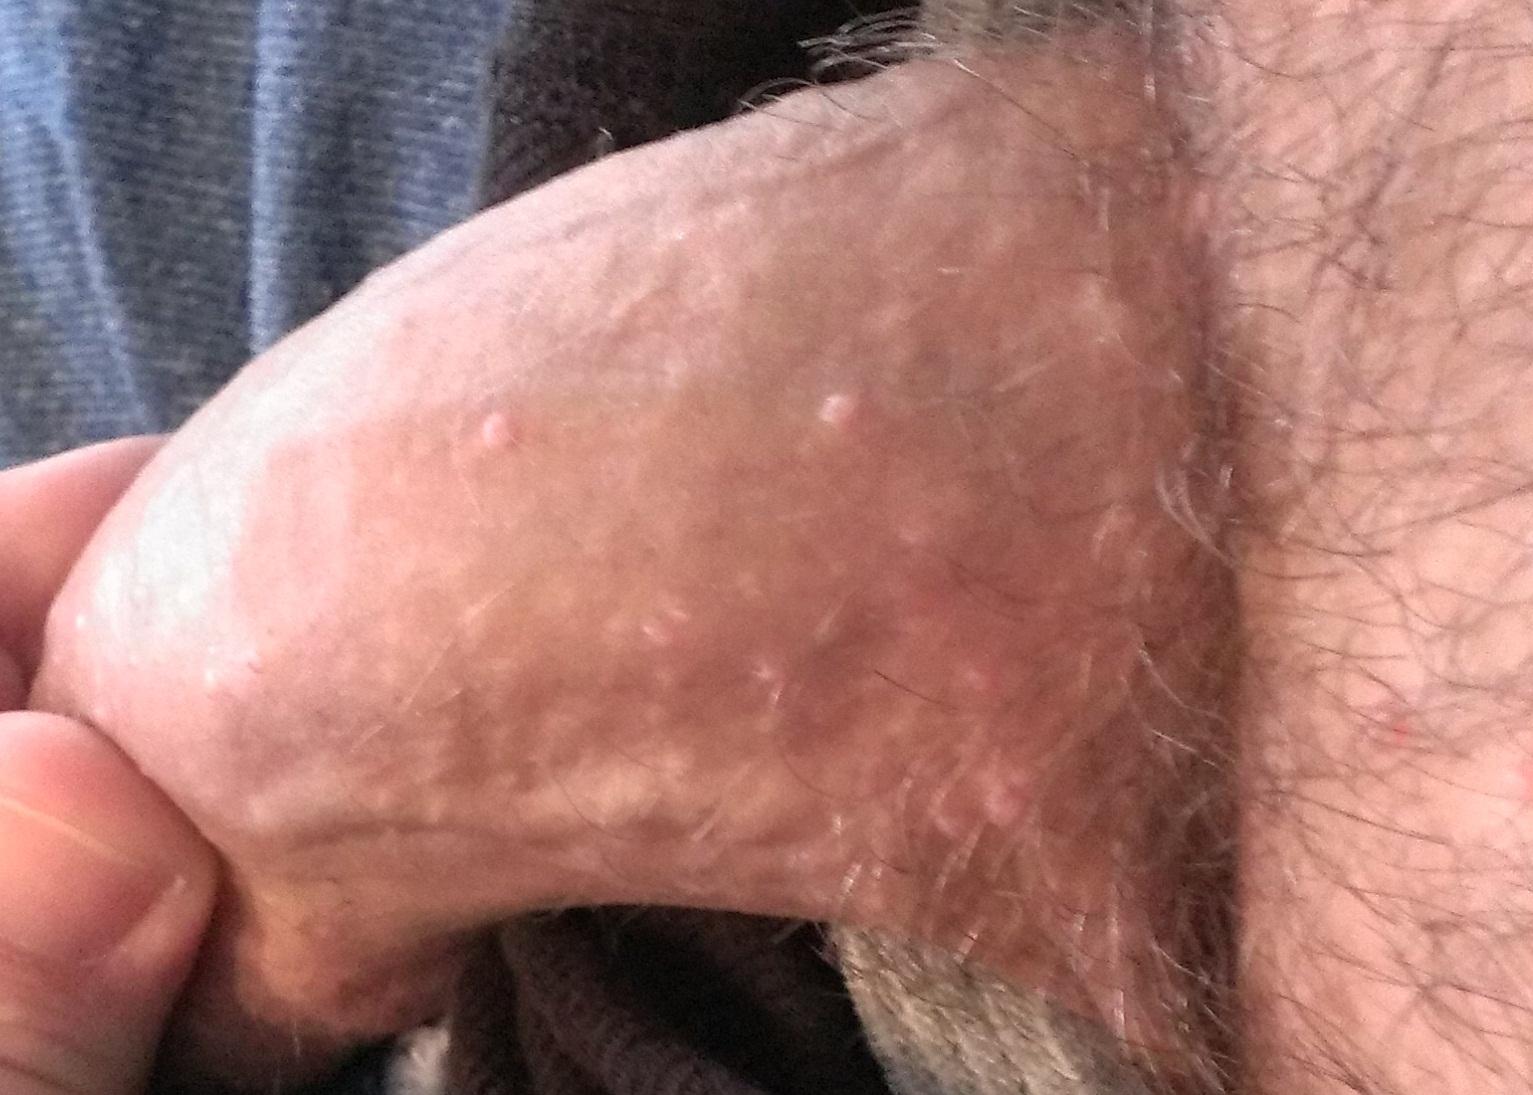 Molluscum On Penis 59